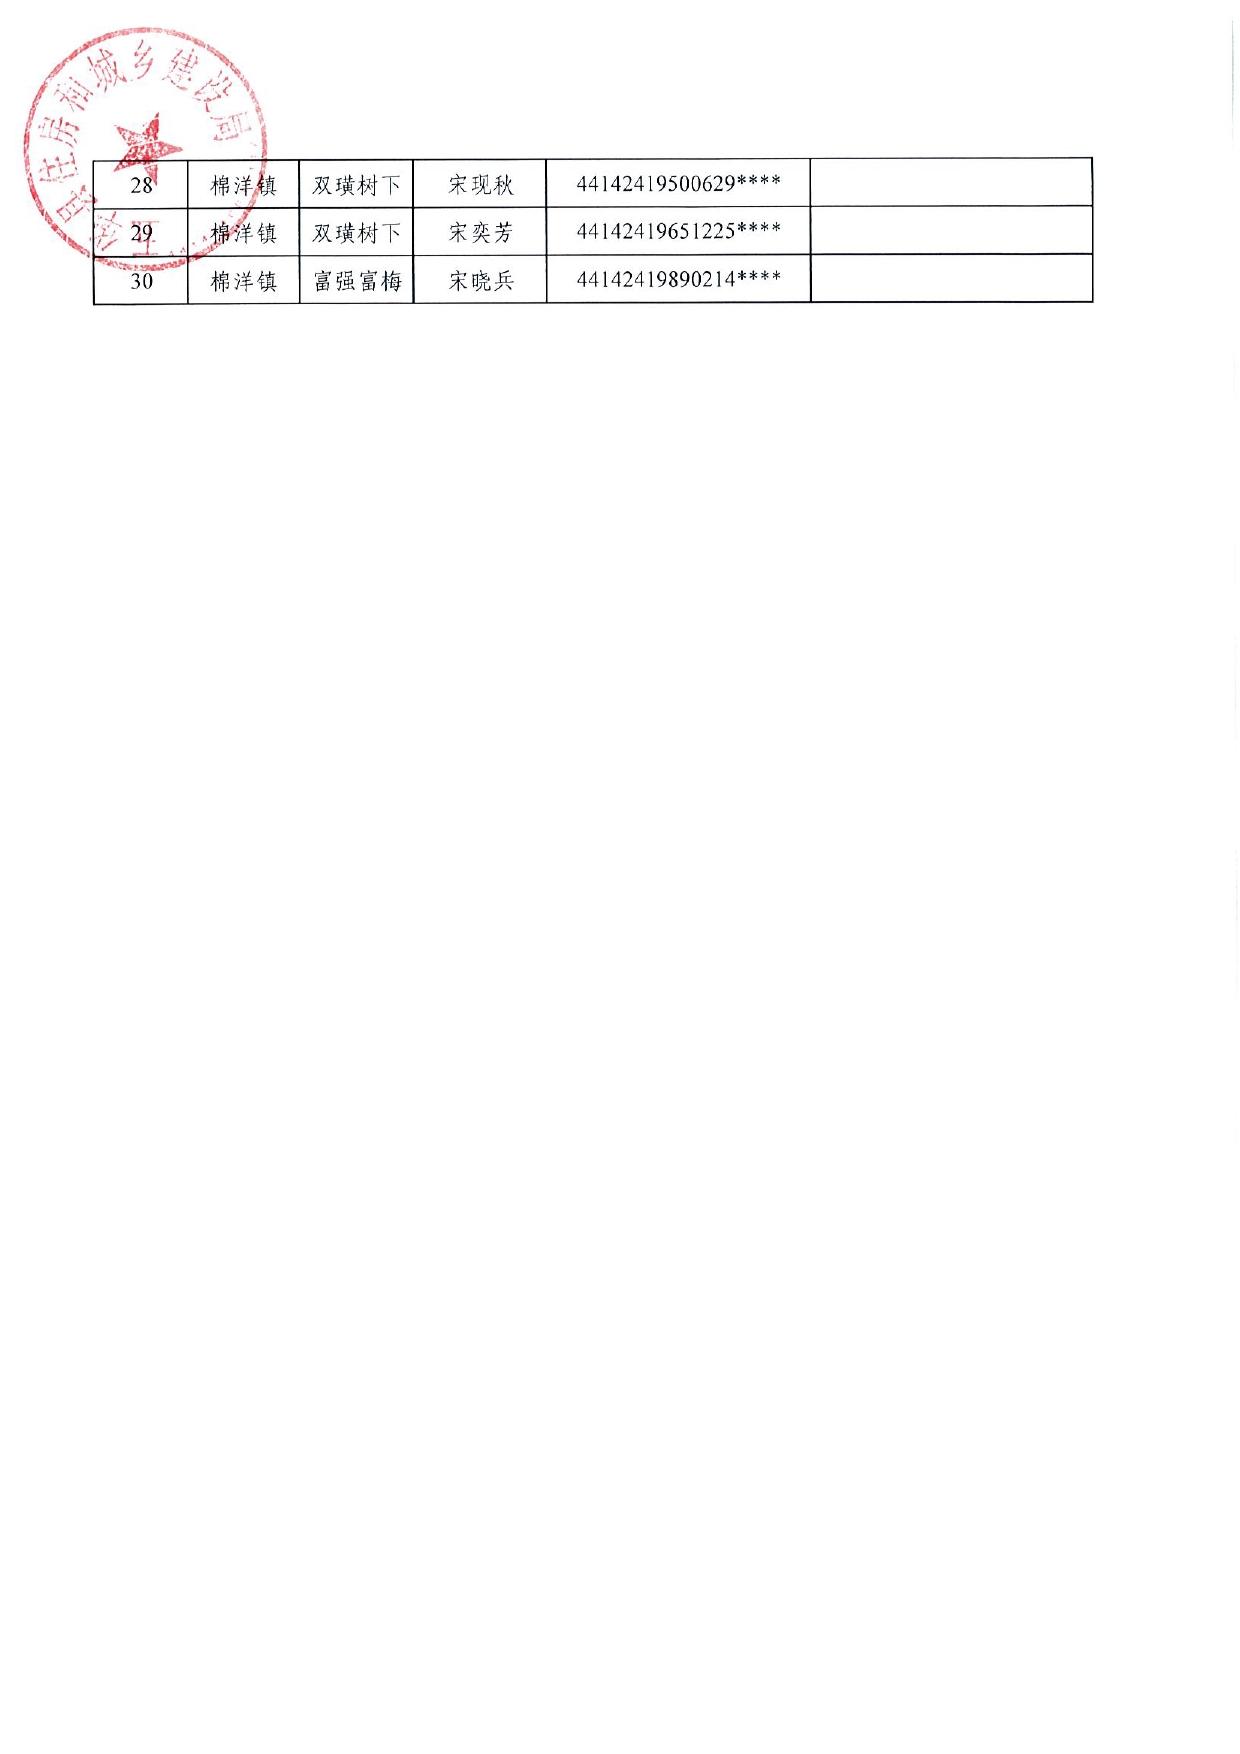 五华县农村削坡建房风险整治第一批补助对象名单公示0003.jpg